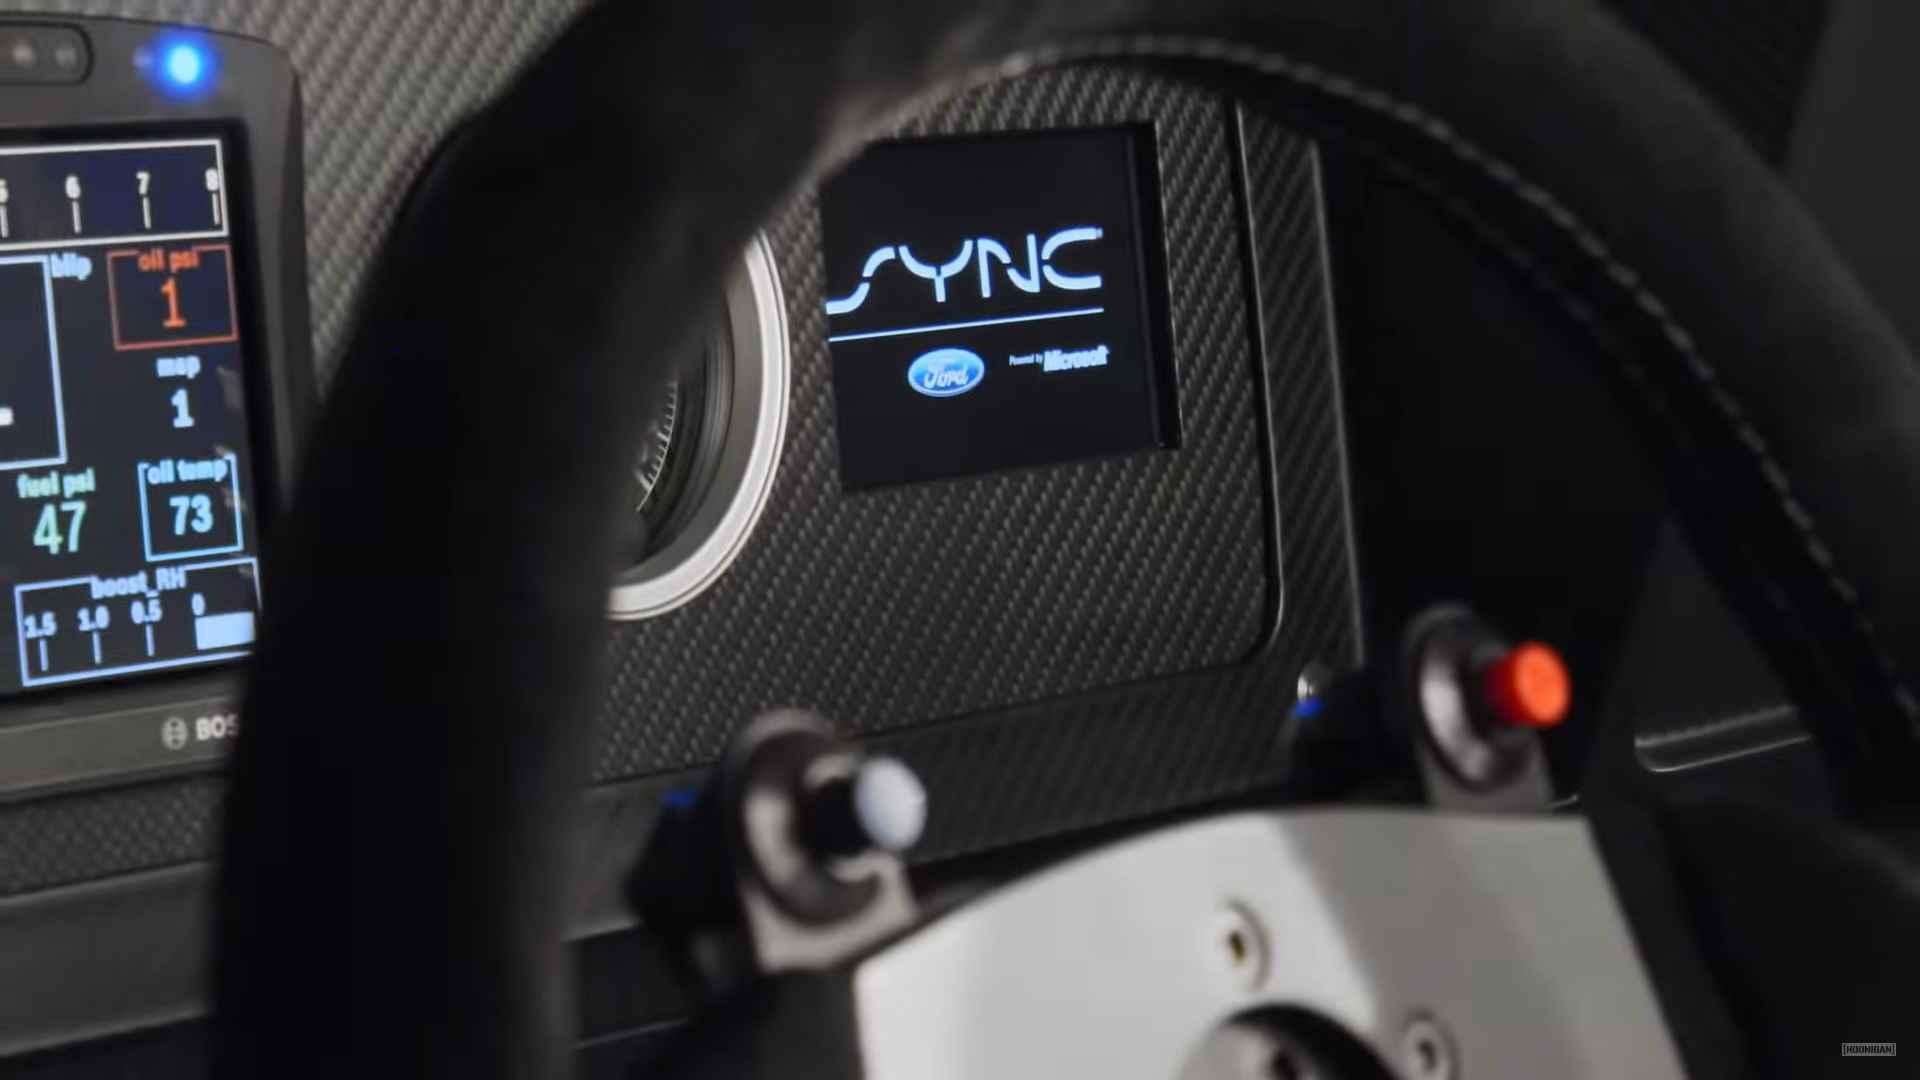 Ford Focus Awd >> Ken Block reveals badass Ford GT-powered AWD F-150 Hoonitruck - ForceGT.com